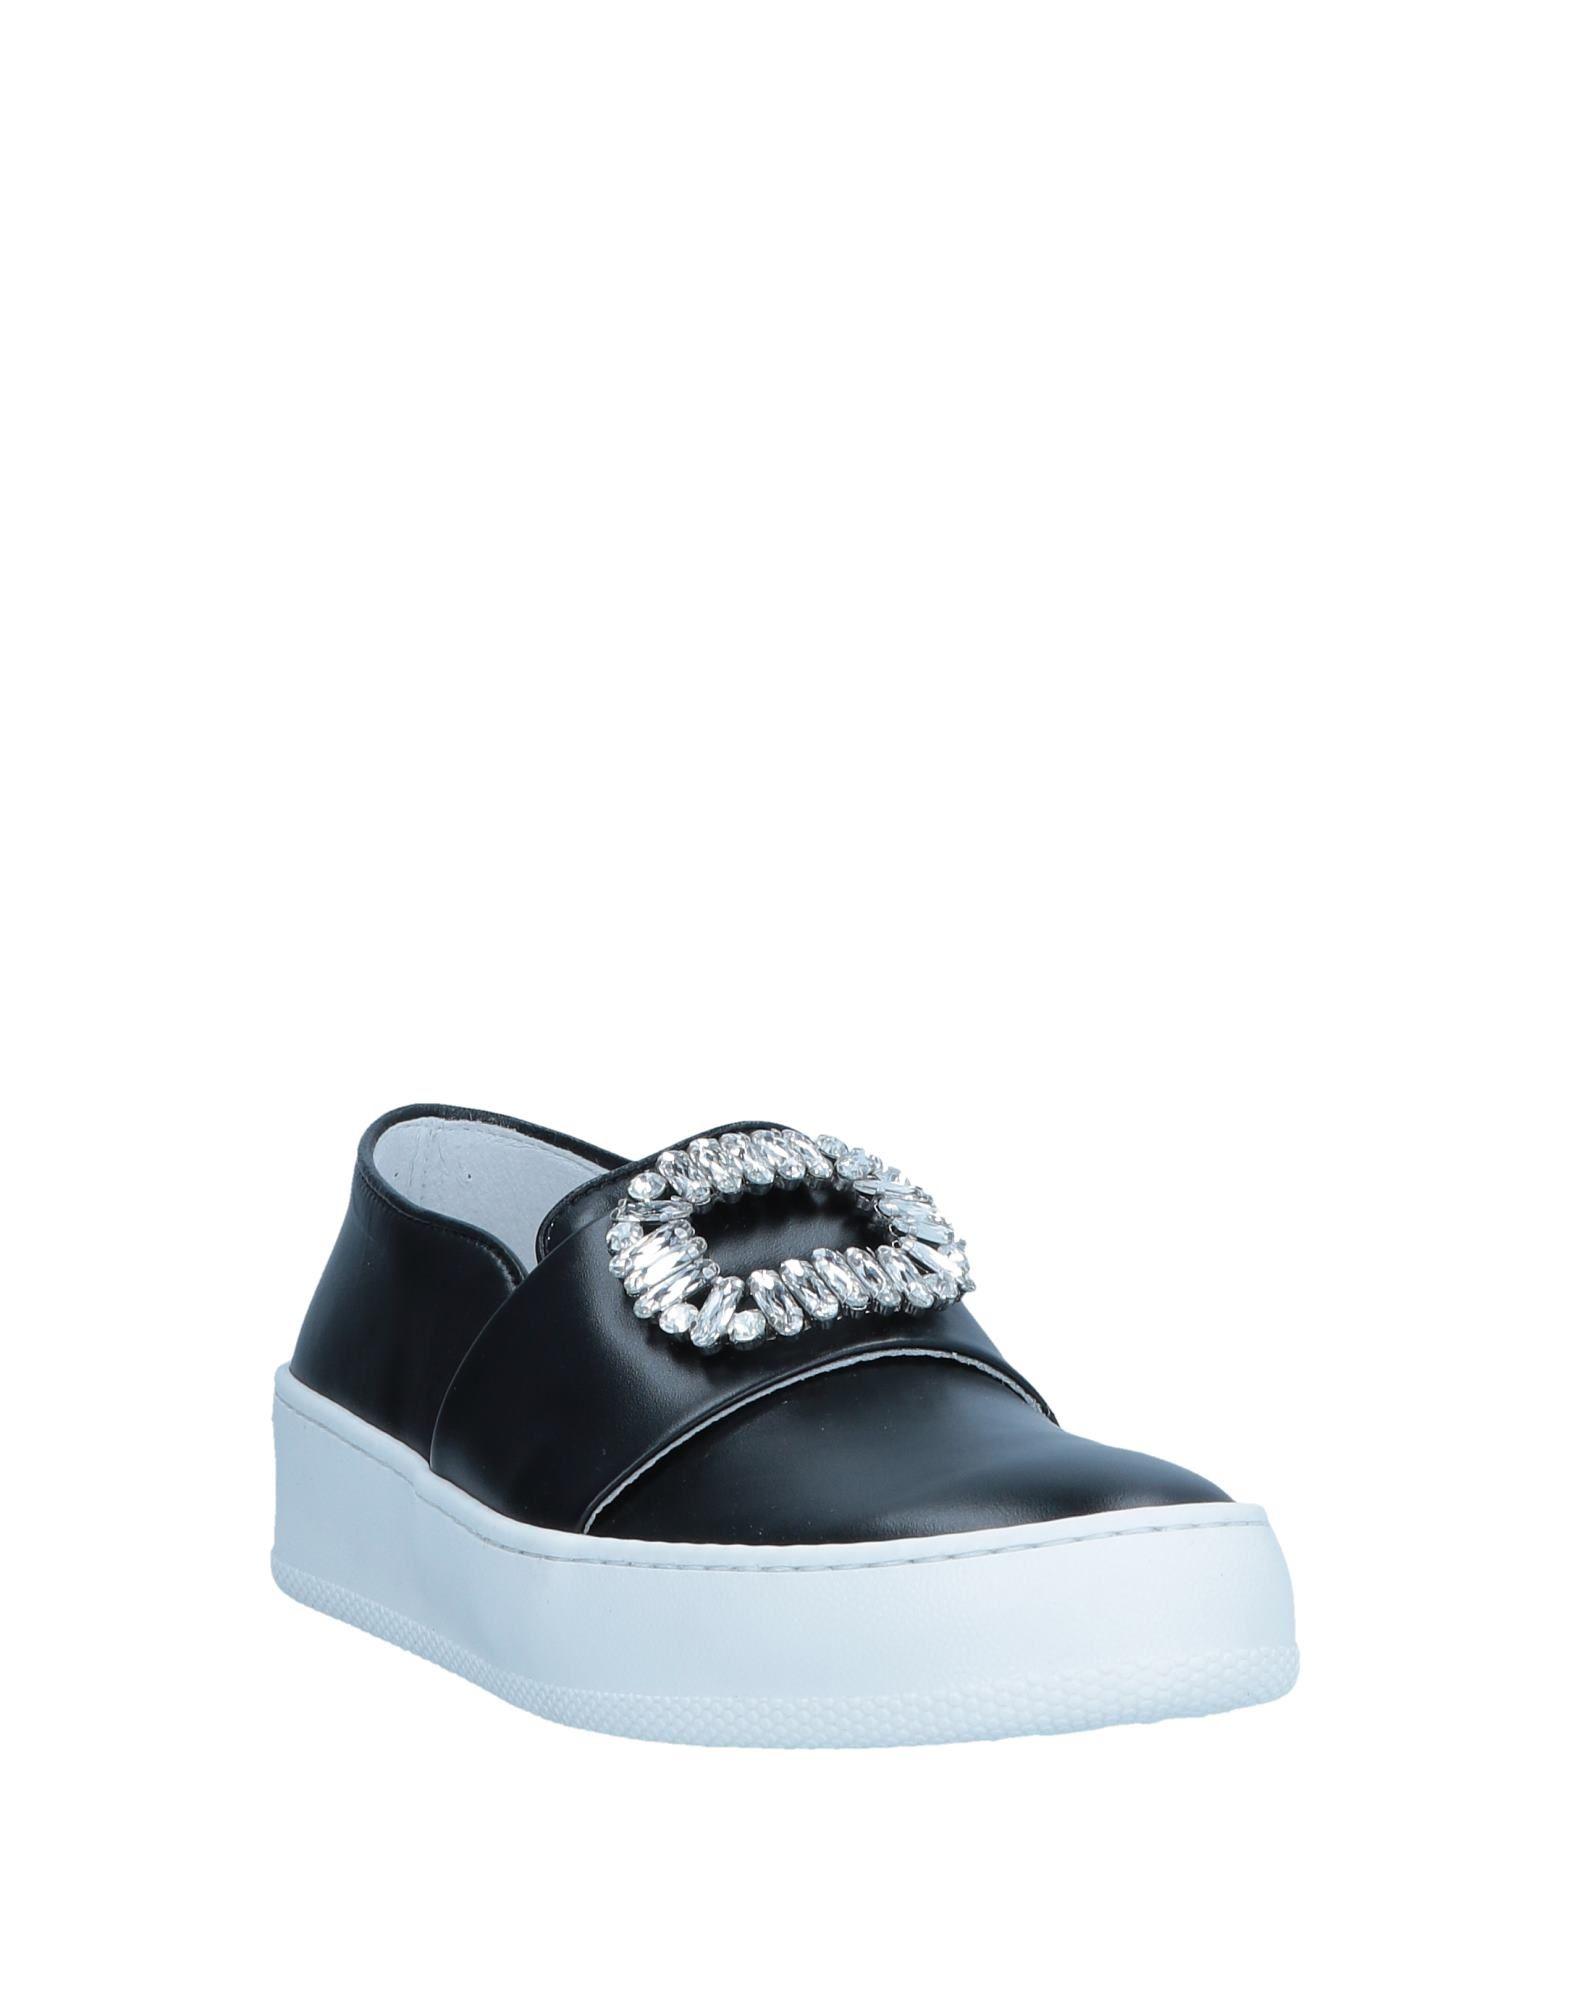 Ovye' 11565370RV By Cristina Lucchi Sneakers Damen  11565370RV Ovye' Gute Qualität beliebte Schuhe 990454